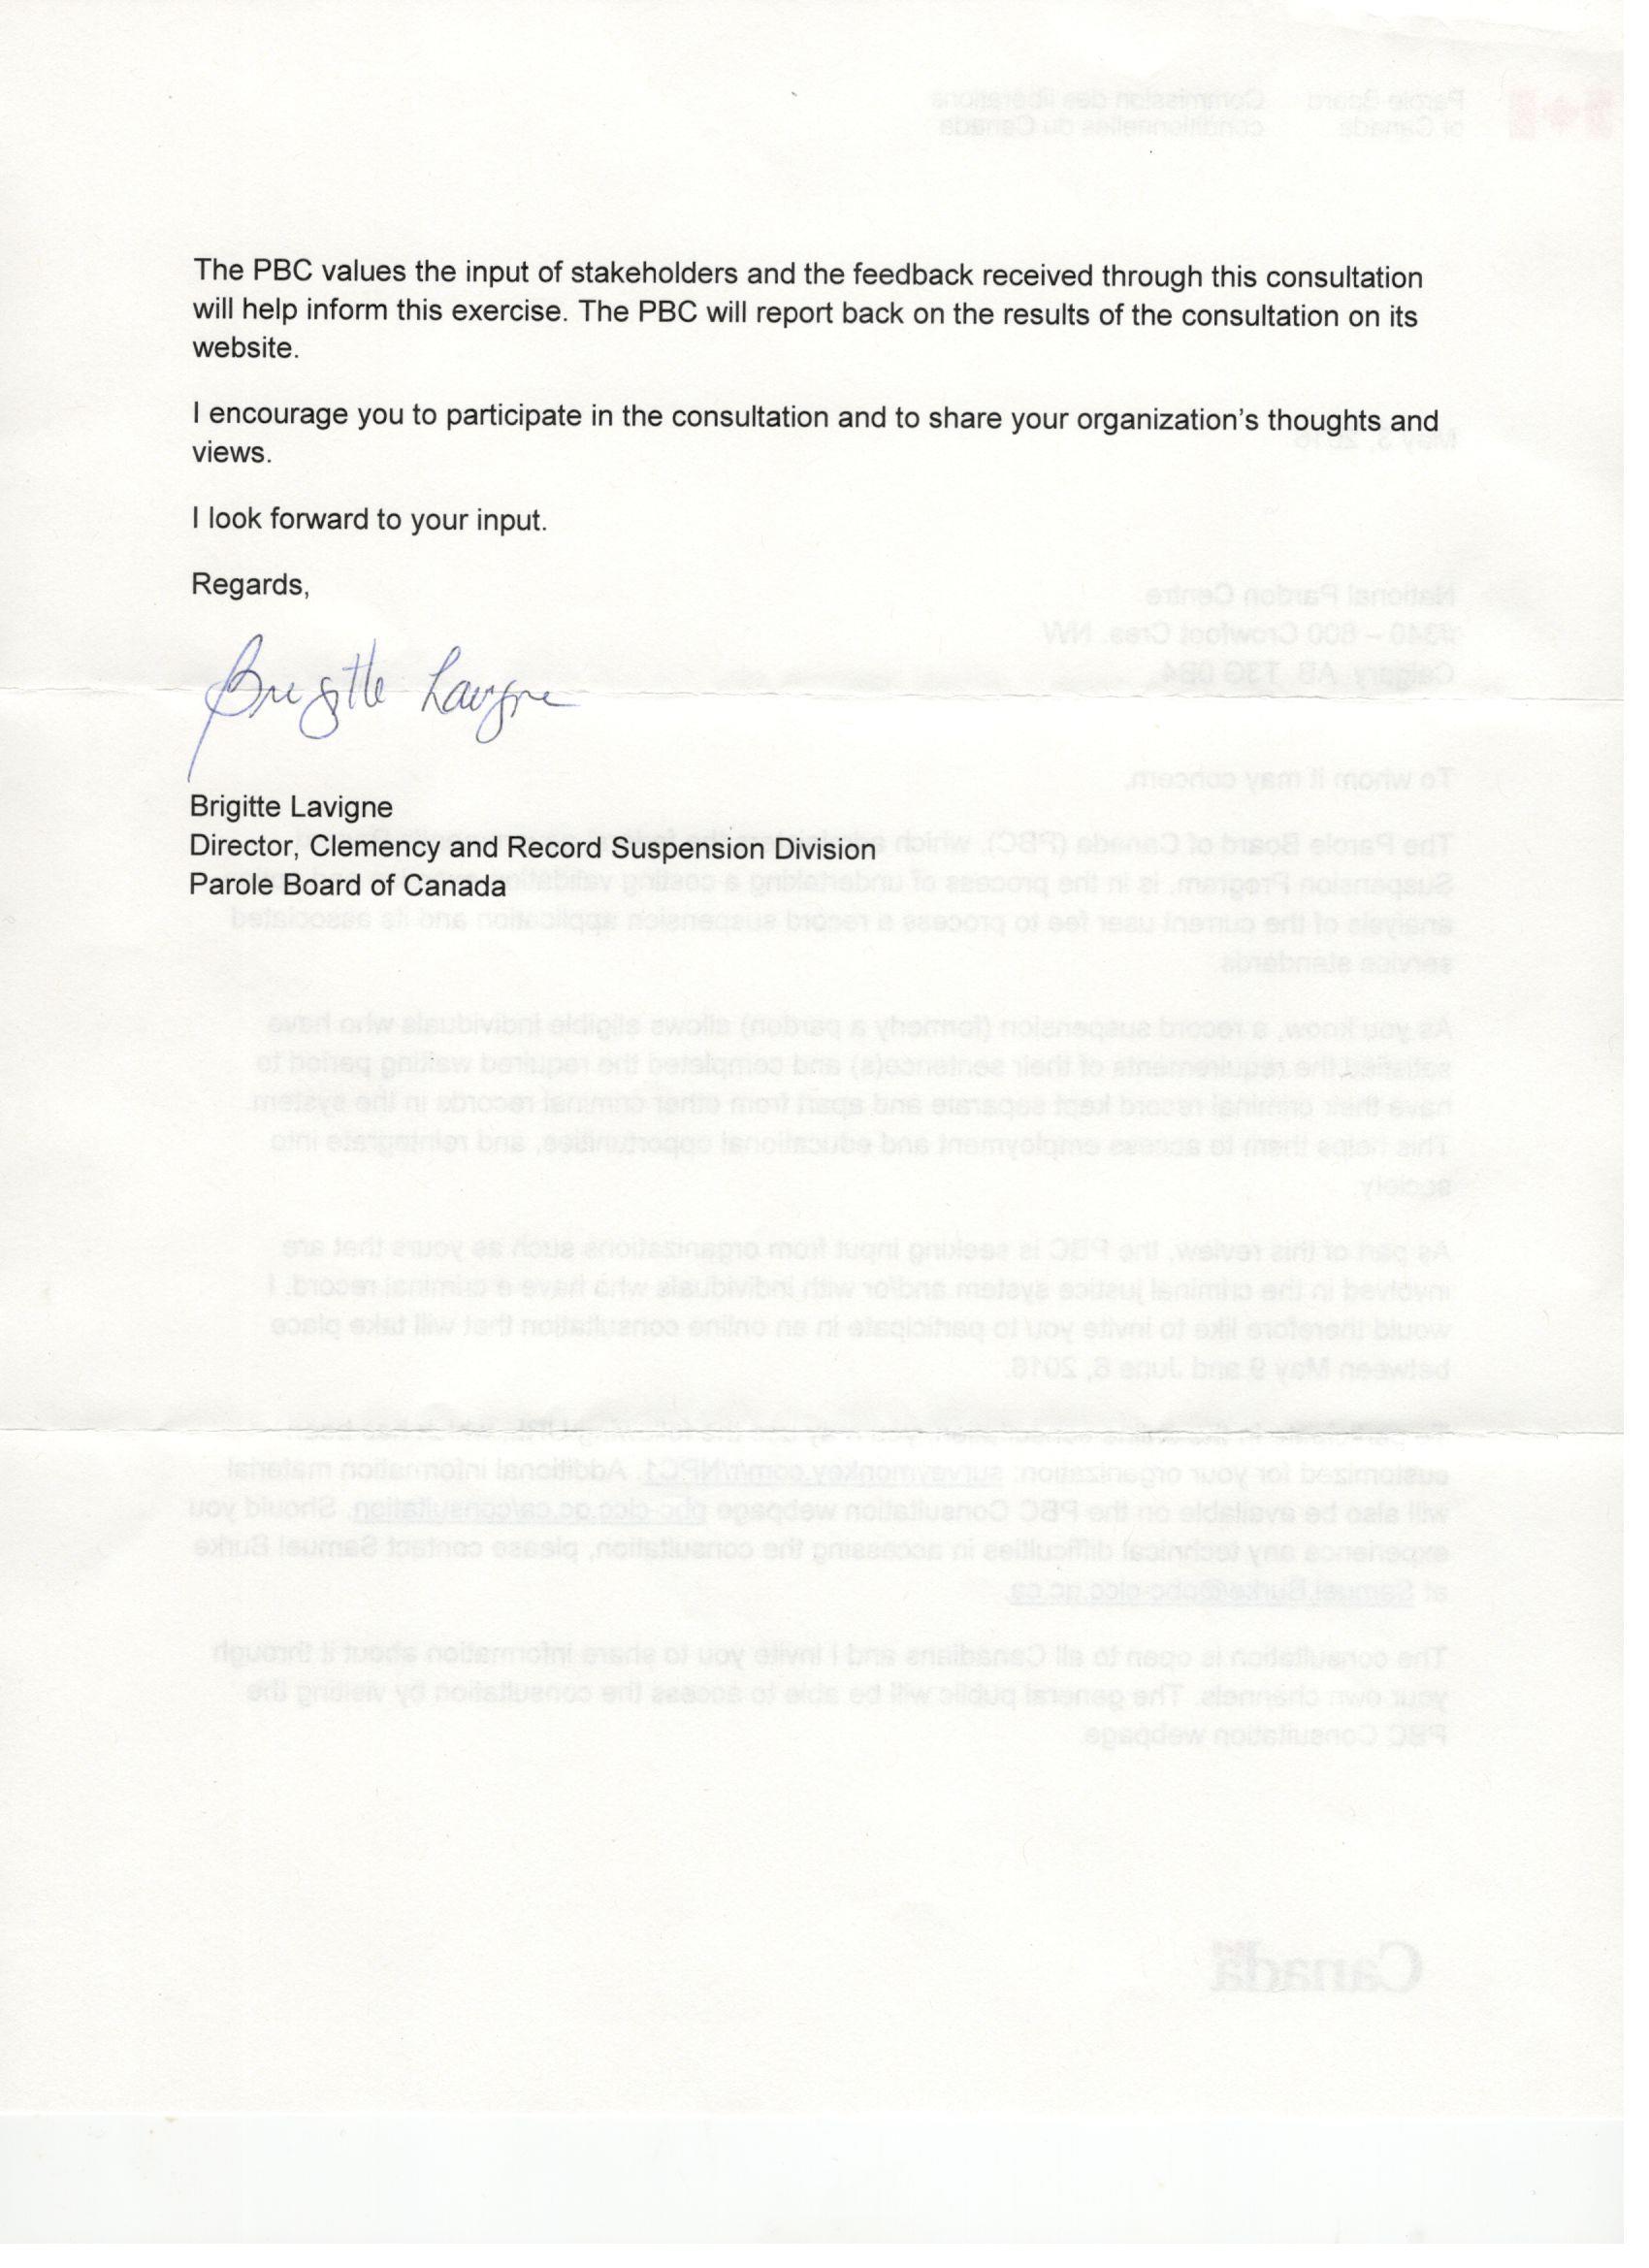 Parole Board of Canada Letter.pg.2